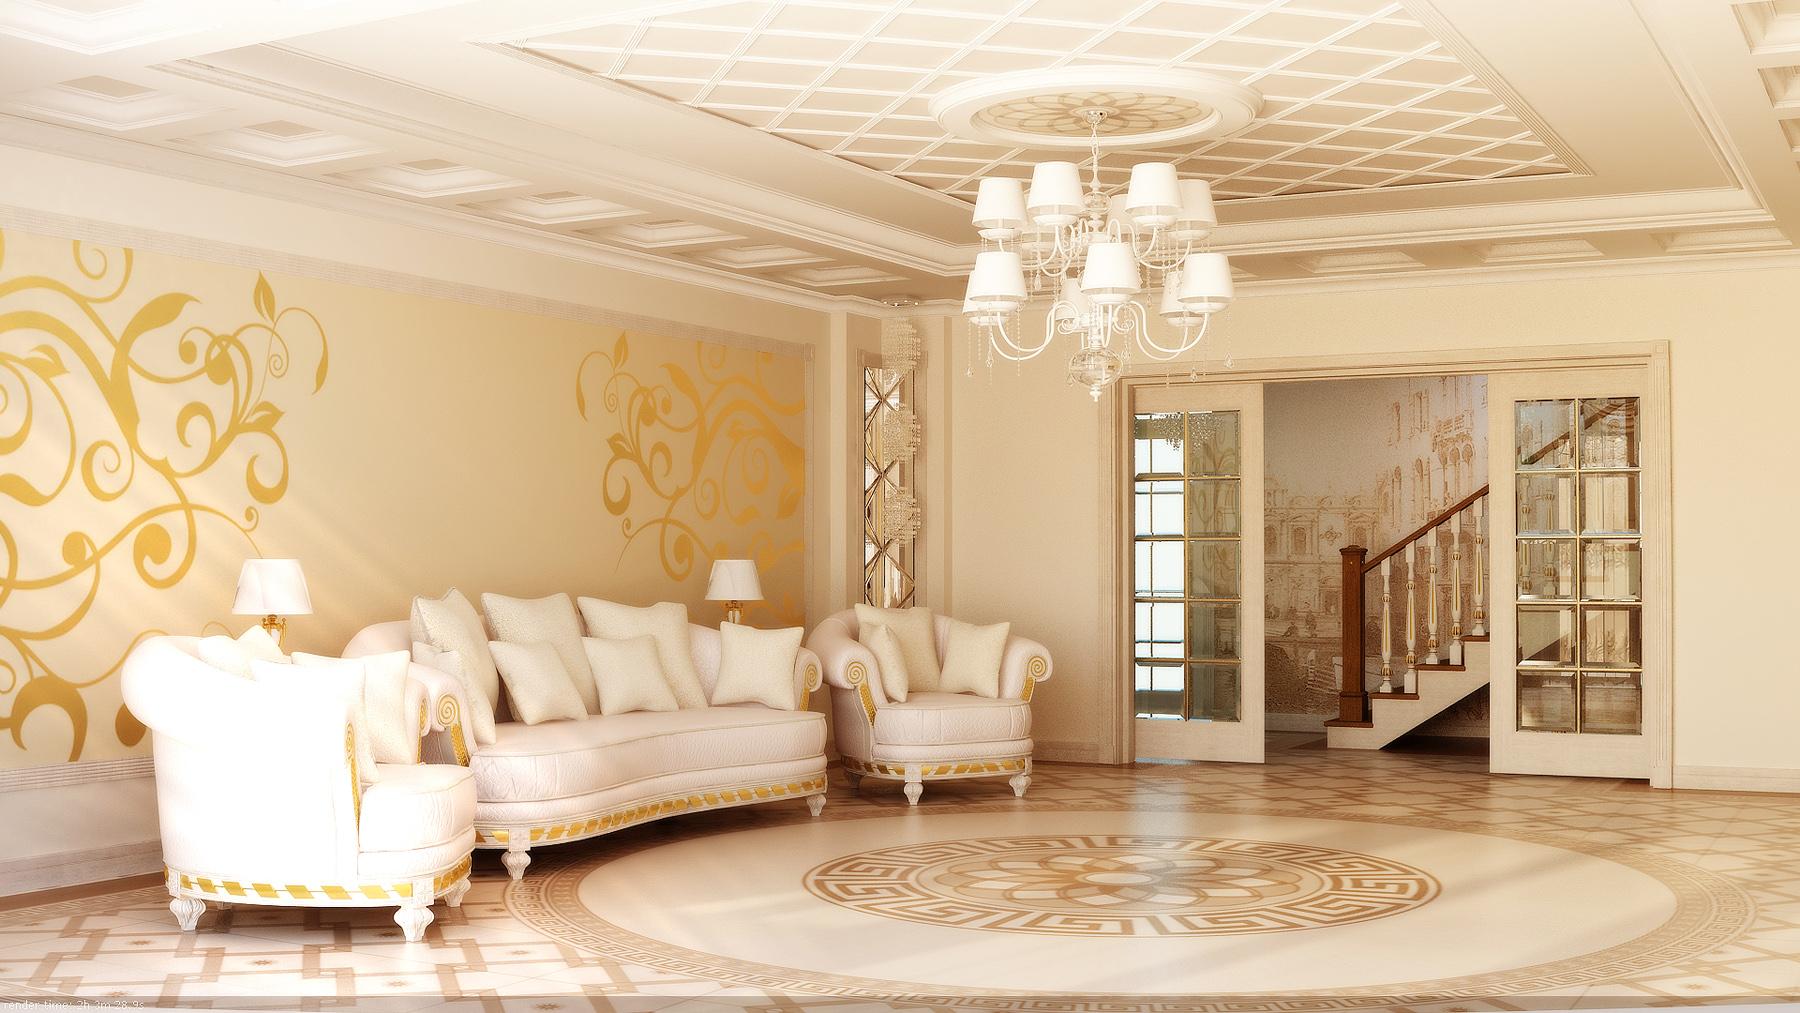 Дизайн интерьера картинки и зала